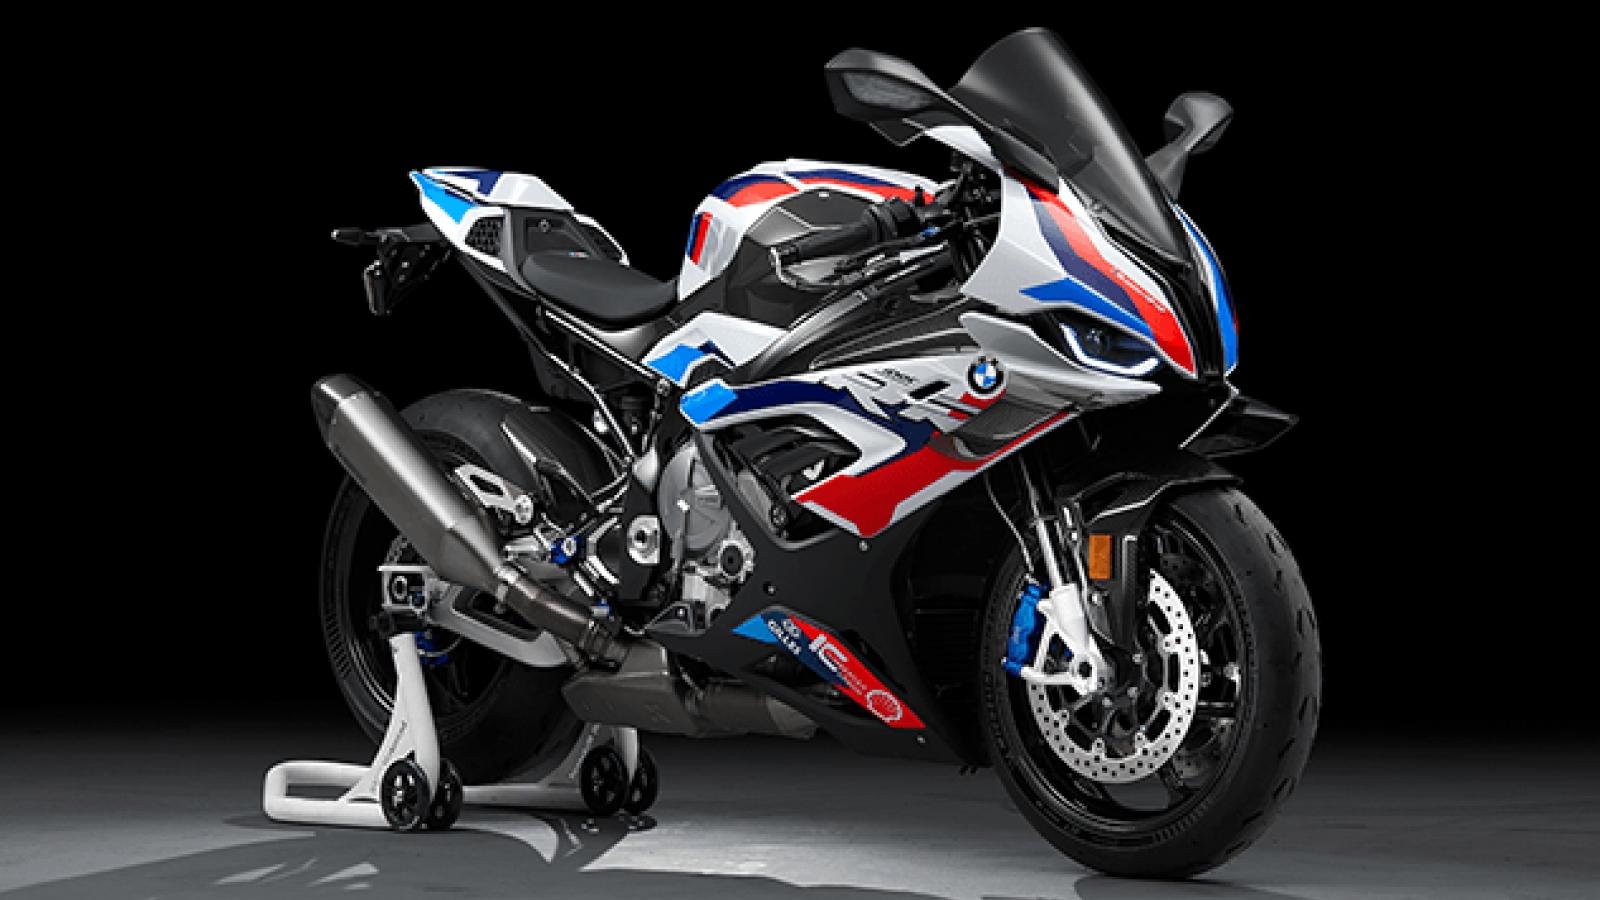 BMW ra mắt siêu mô-tô đường đua M1000RR